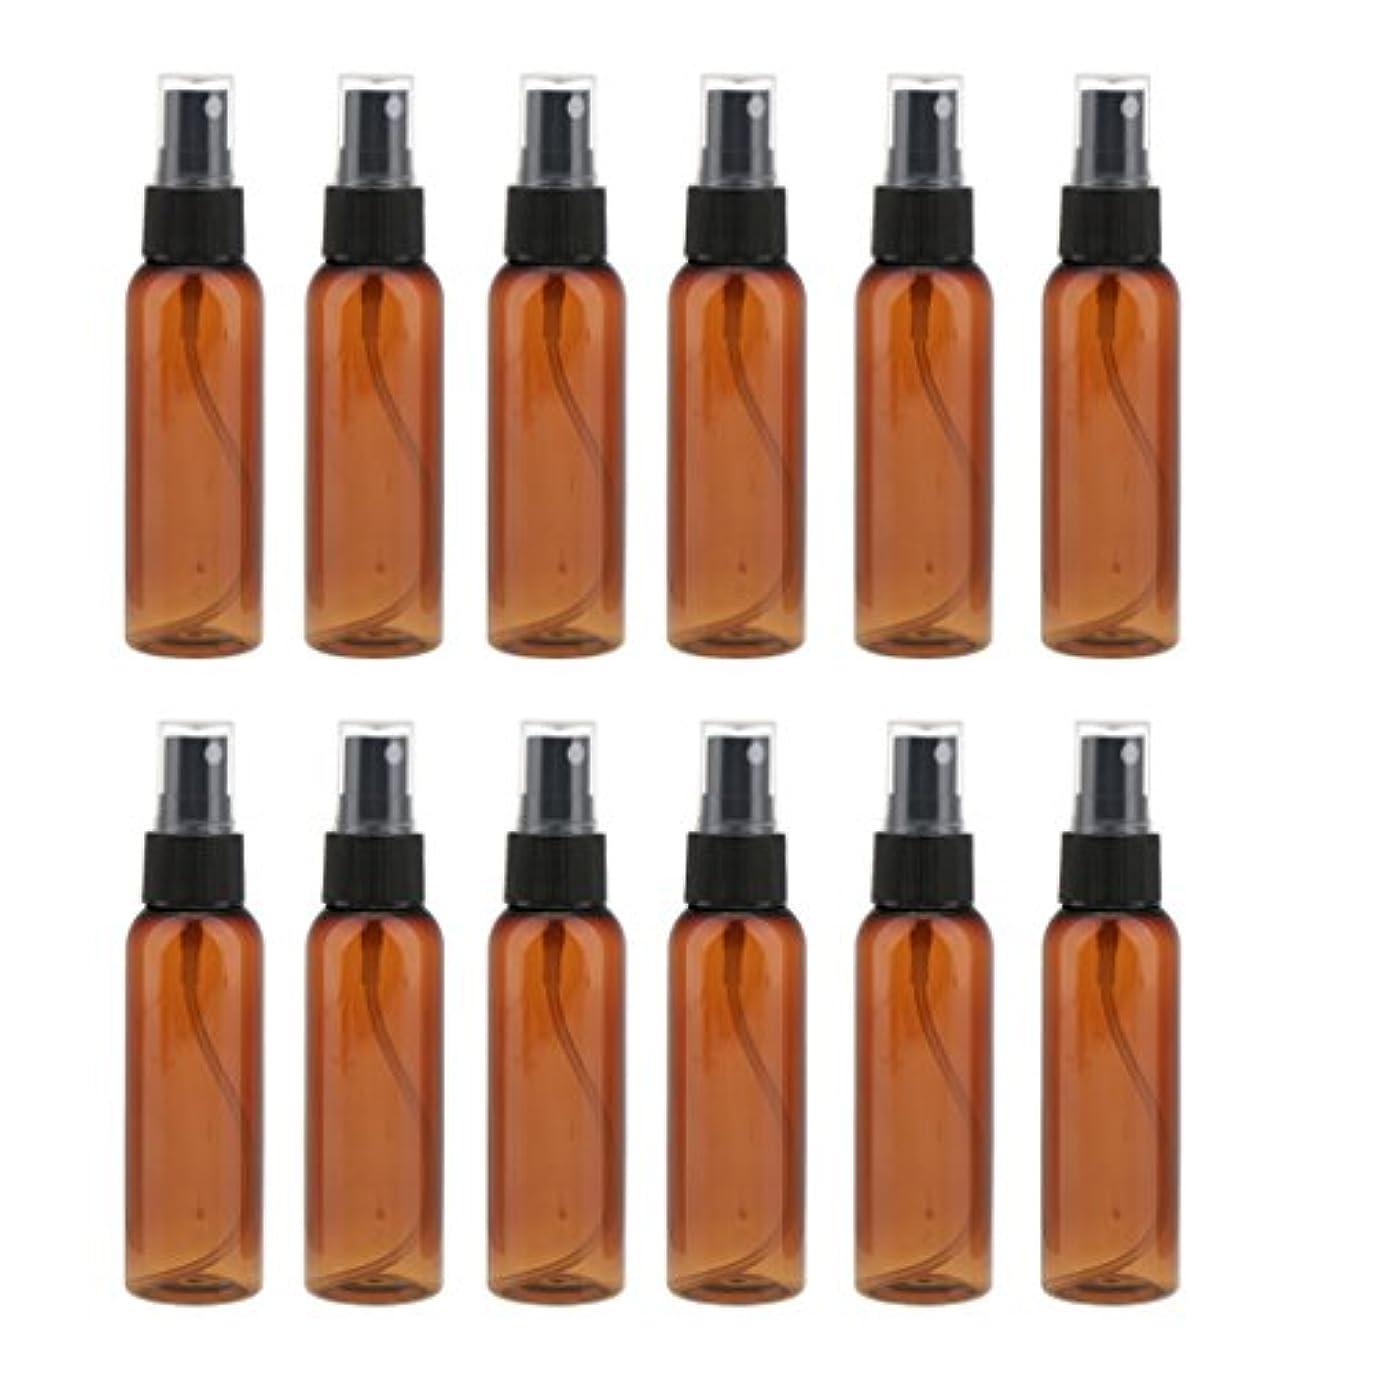 運賃ハチショップSONONIA 詰め替え 化粧品容器 コンセプト 空のスプレーボトル 旅行 漏れ防止 60ml 12本 全3色 - ブラック